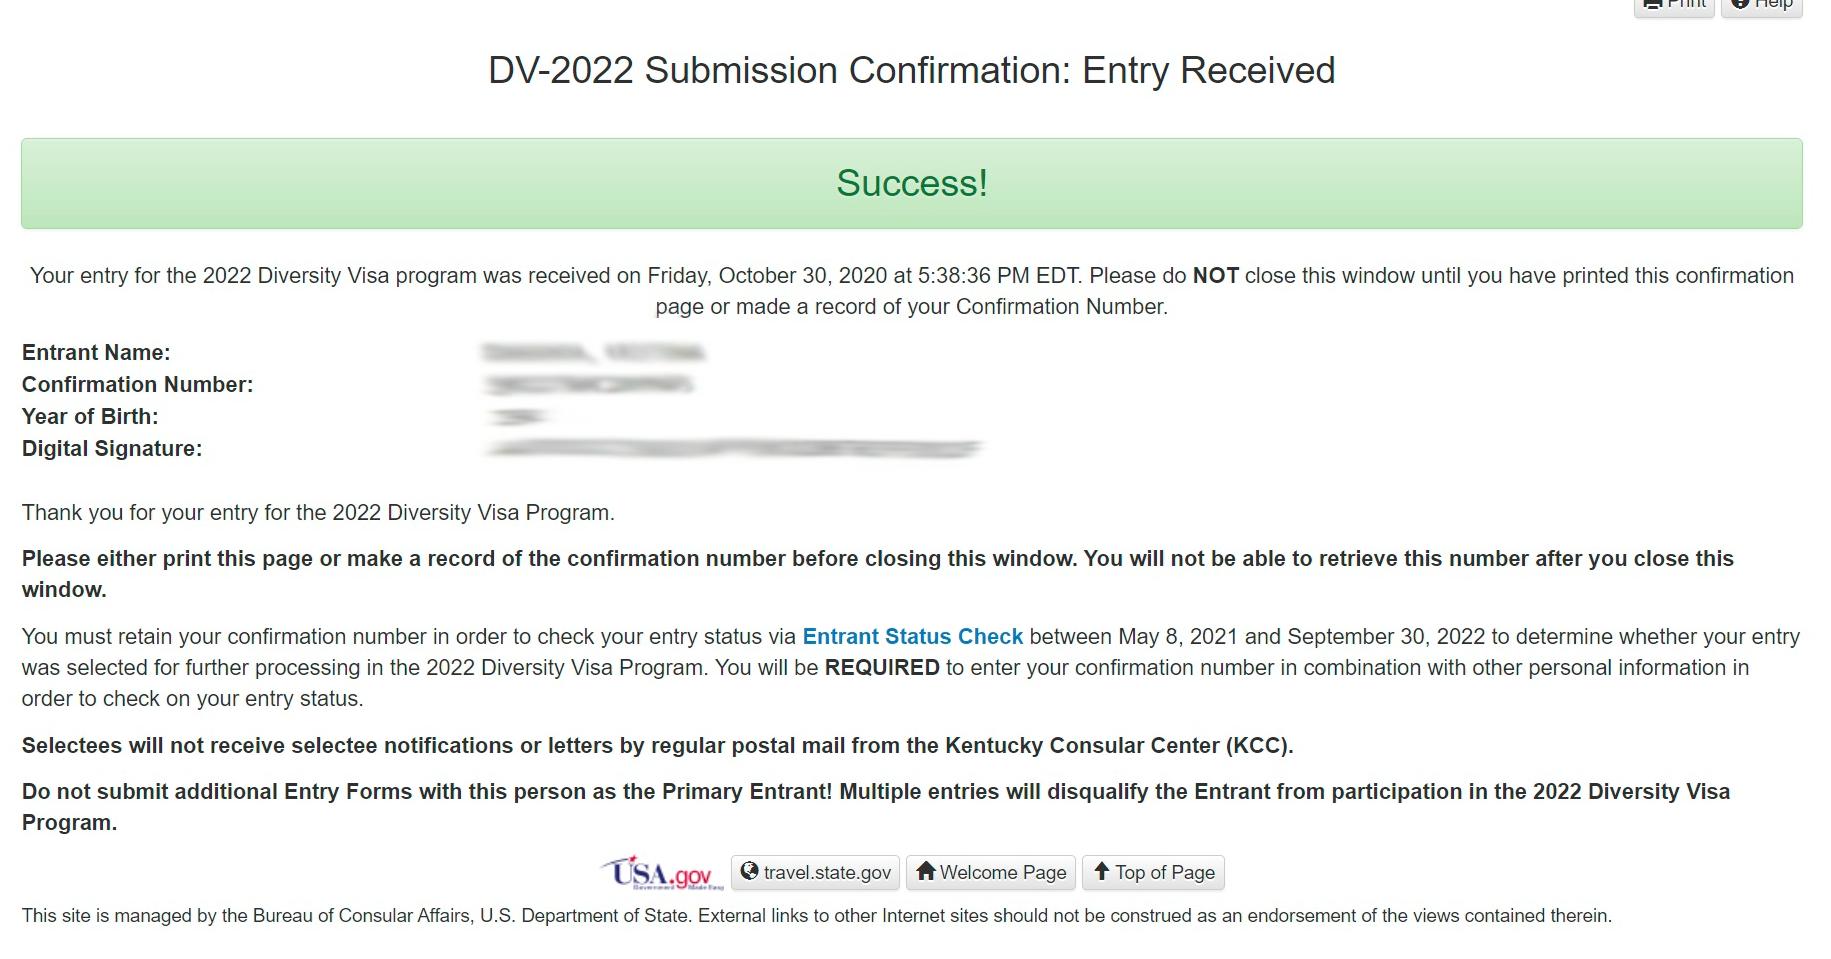 Подтверждение получения заявки на визу в США